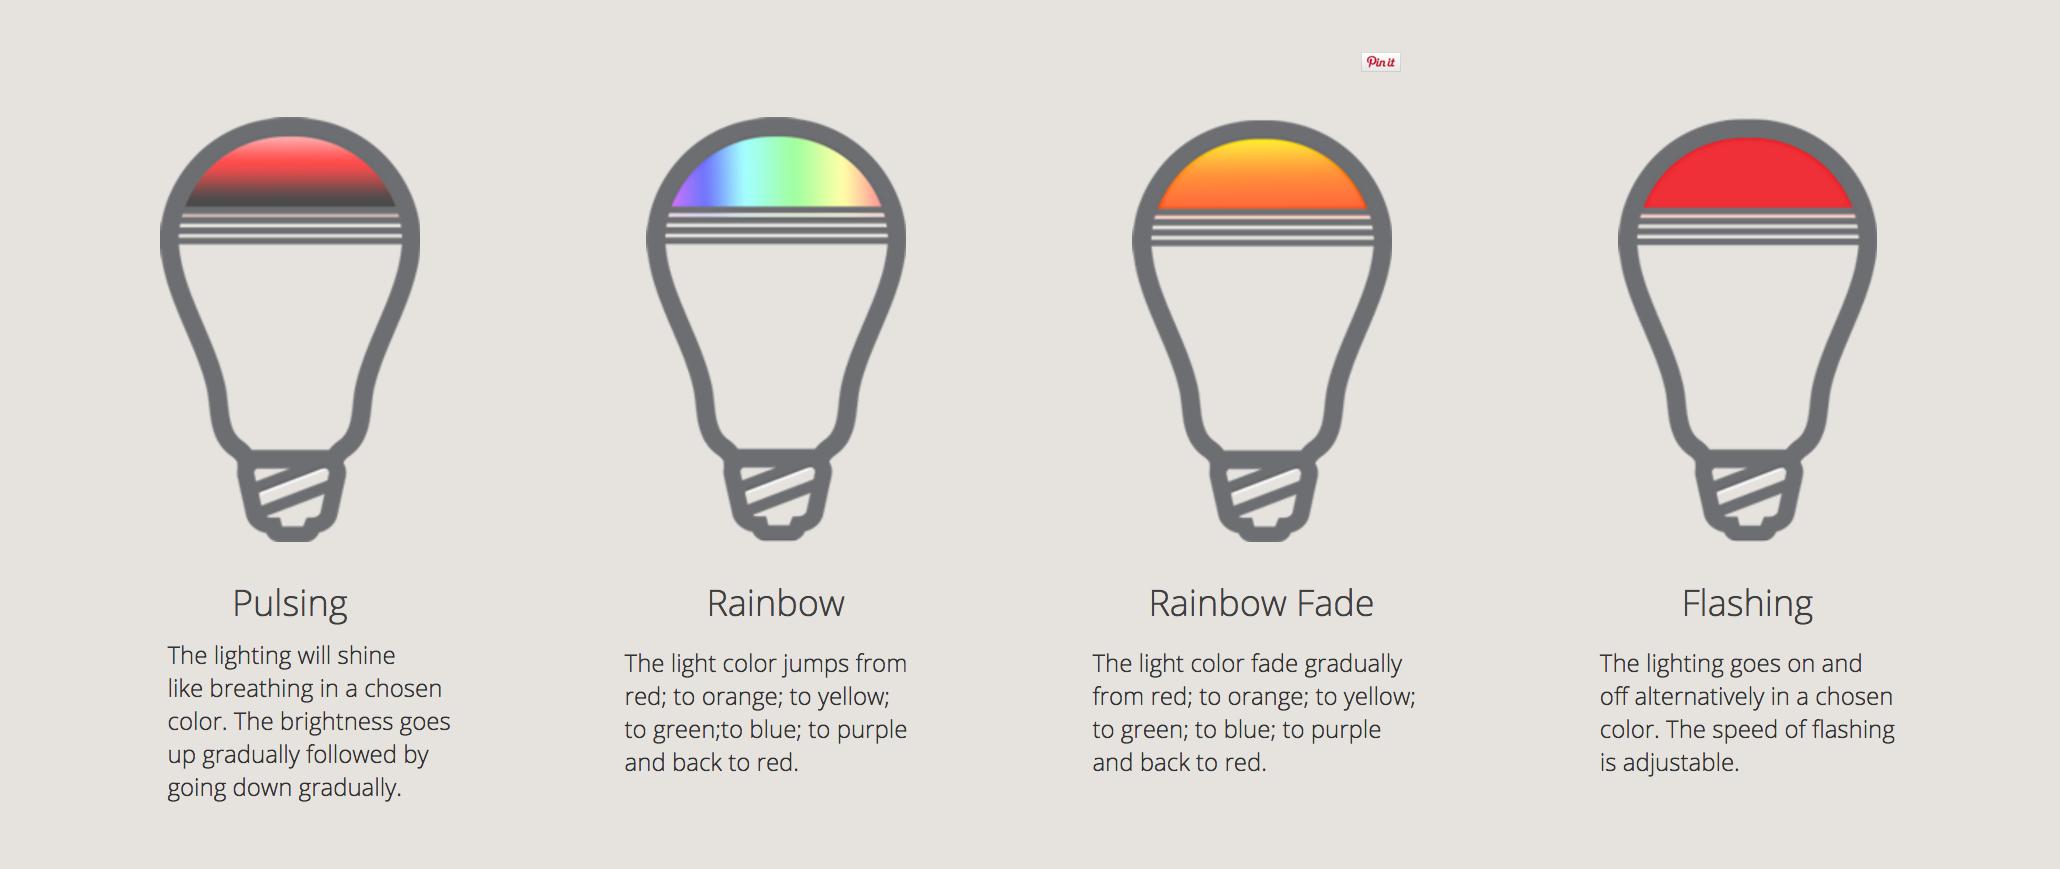 Mipow Playbulb color - Ampoule enceinte multicolore